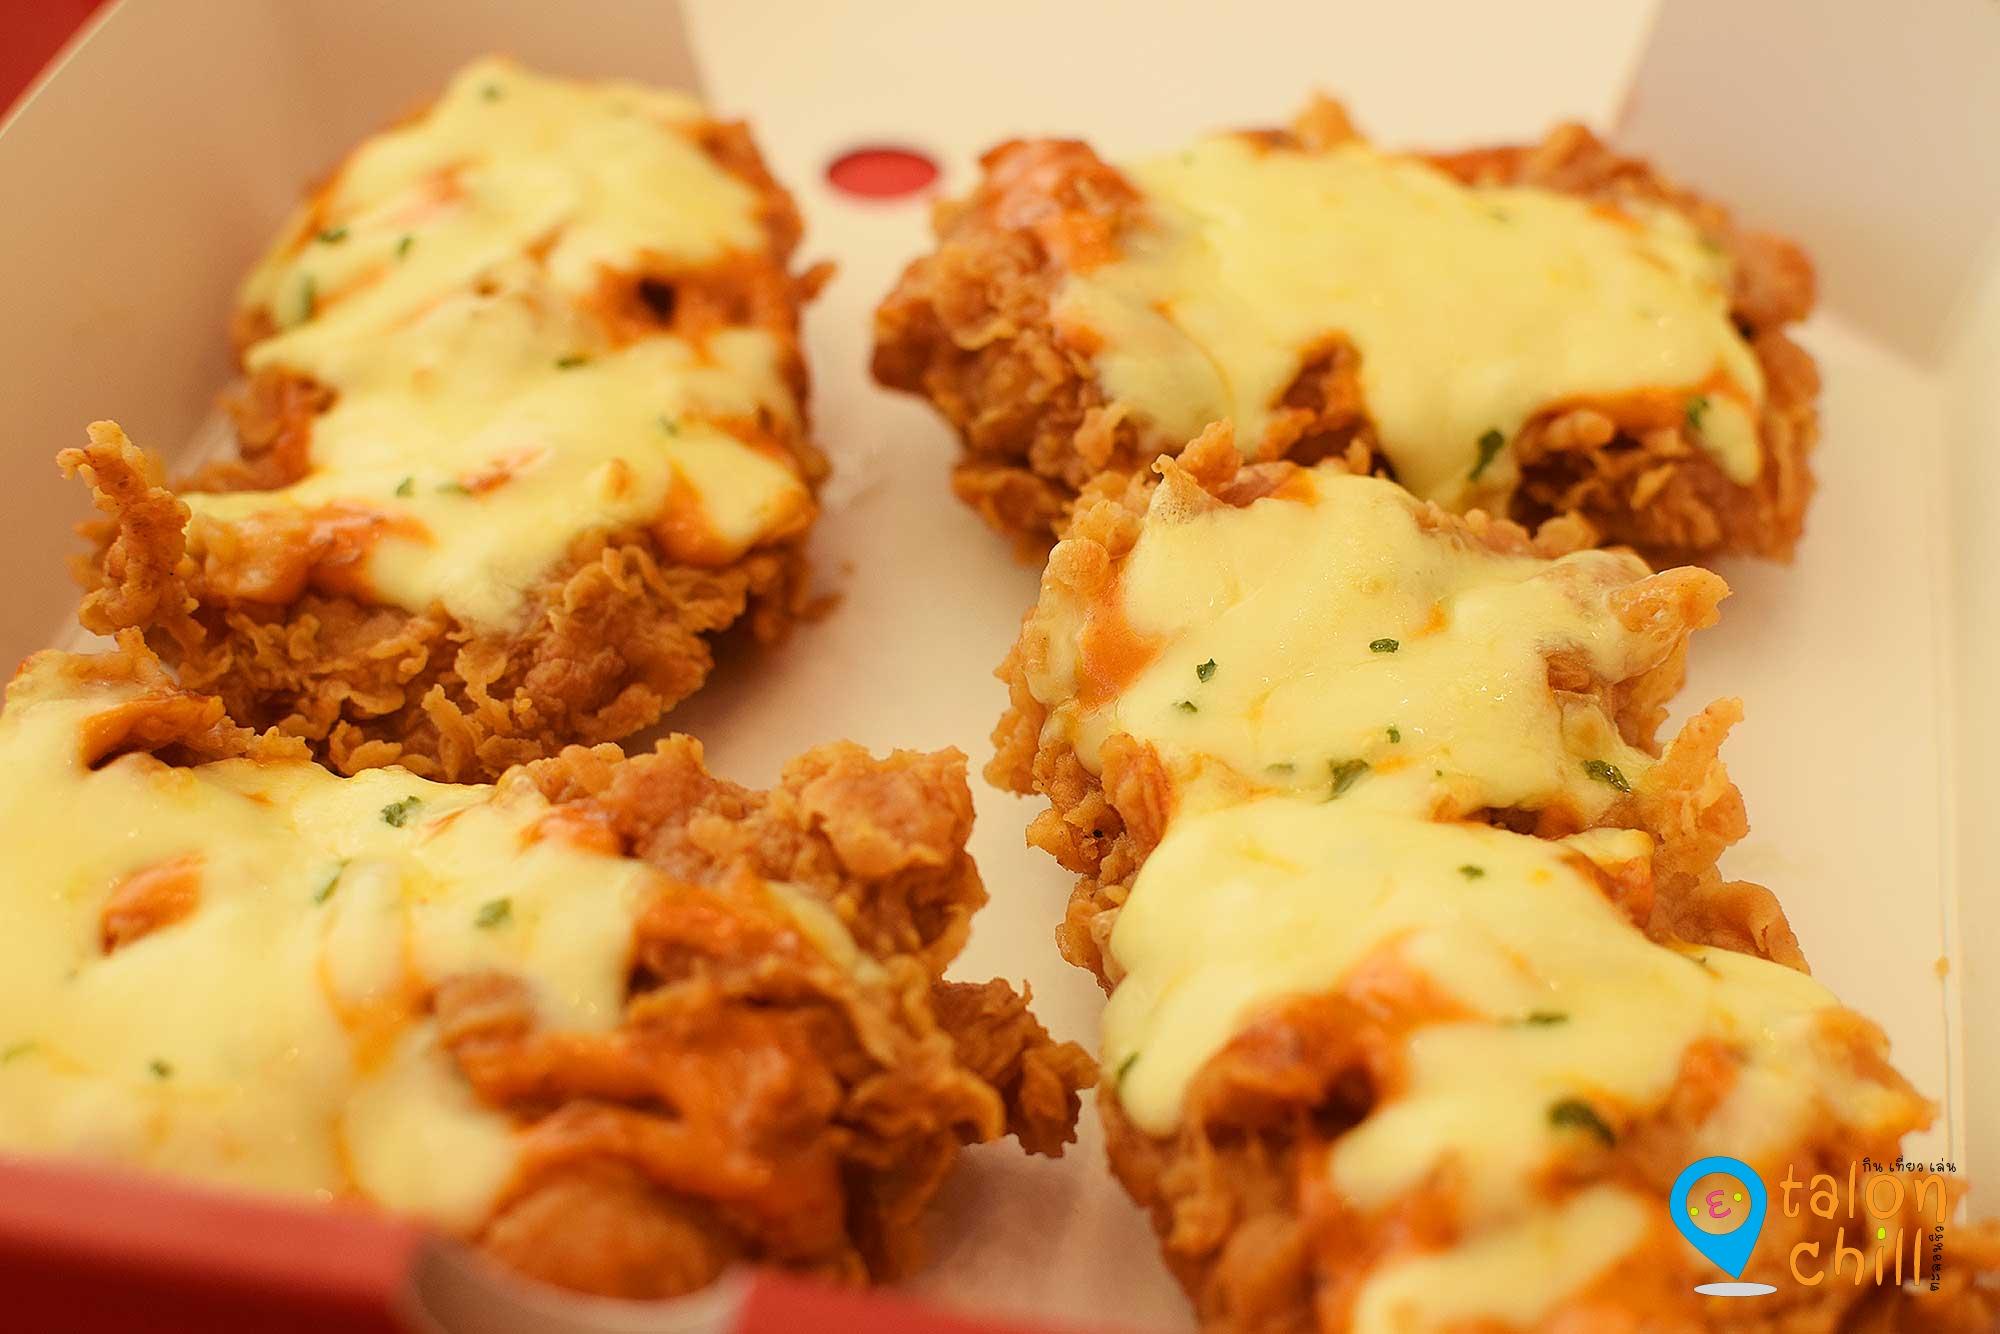 [ตะลอนกิน] KFC Chizza พิซซ่าไก่กรอบ Chizza Box 4 ชิ้น เพียง 139 บาท